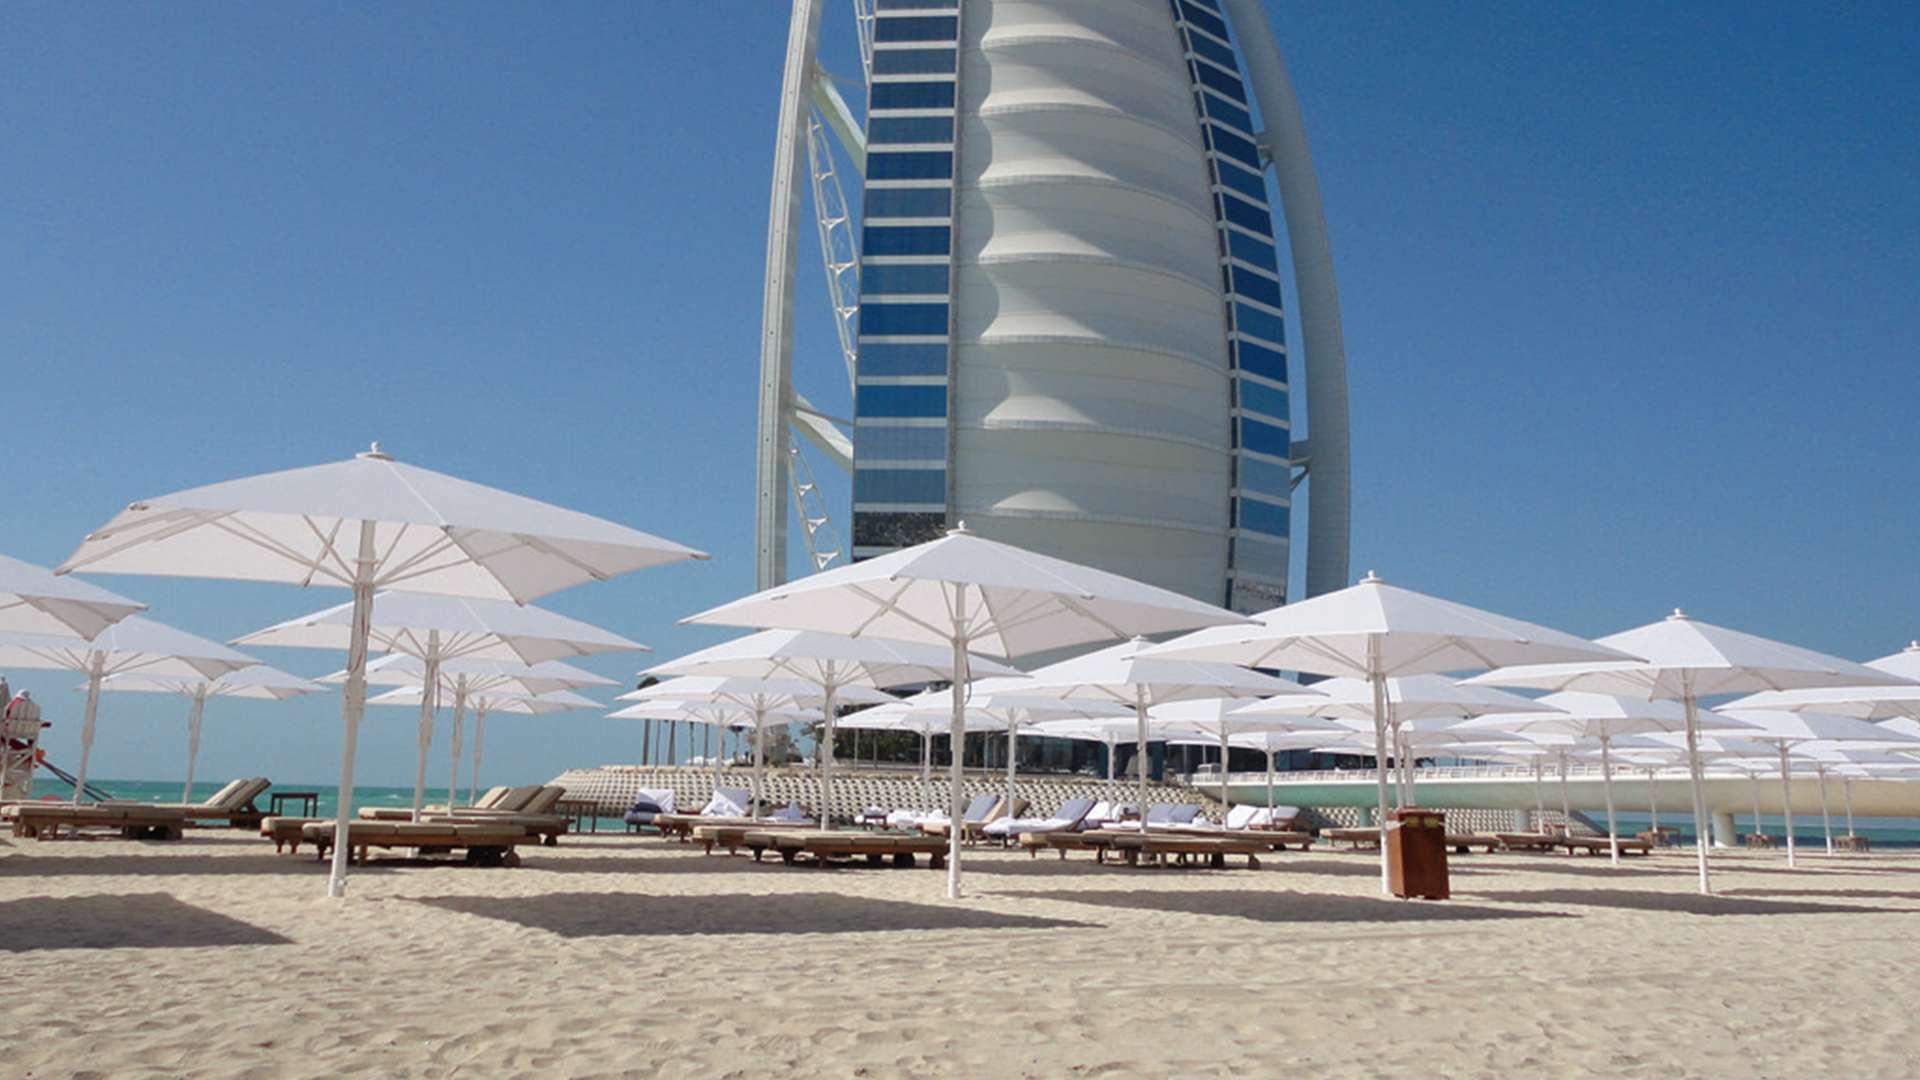 Jumbrella Sonnenschirme am Strand vor einem Hotel in Dubai